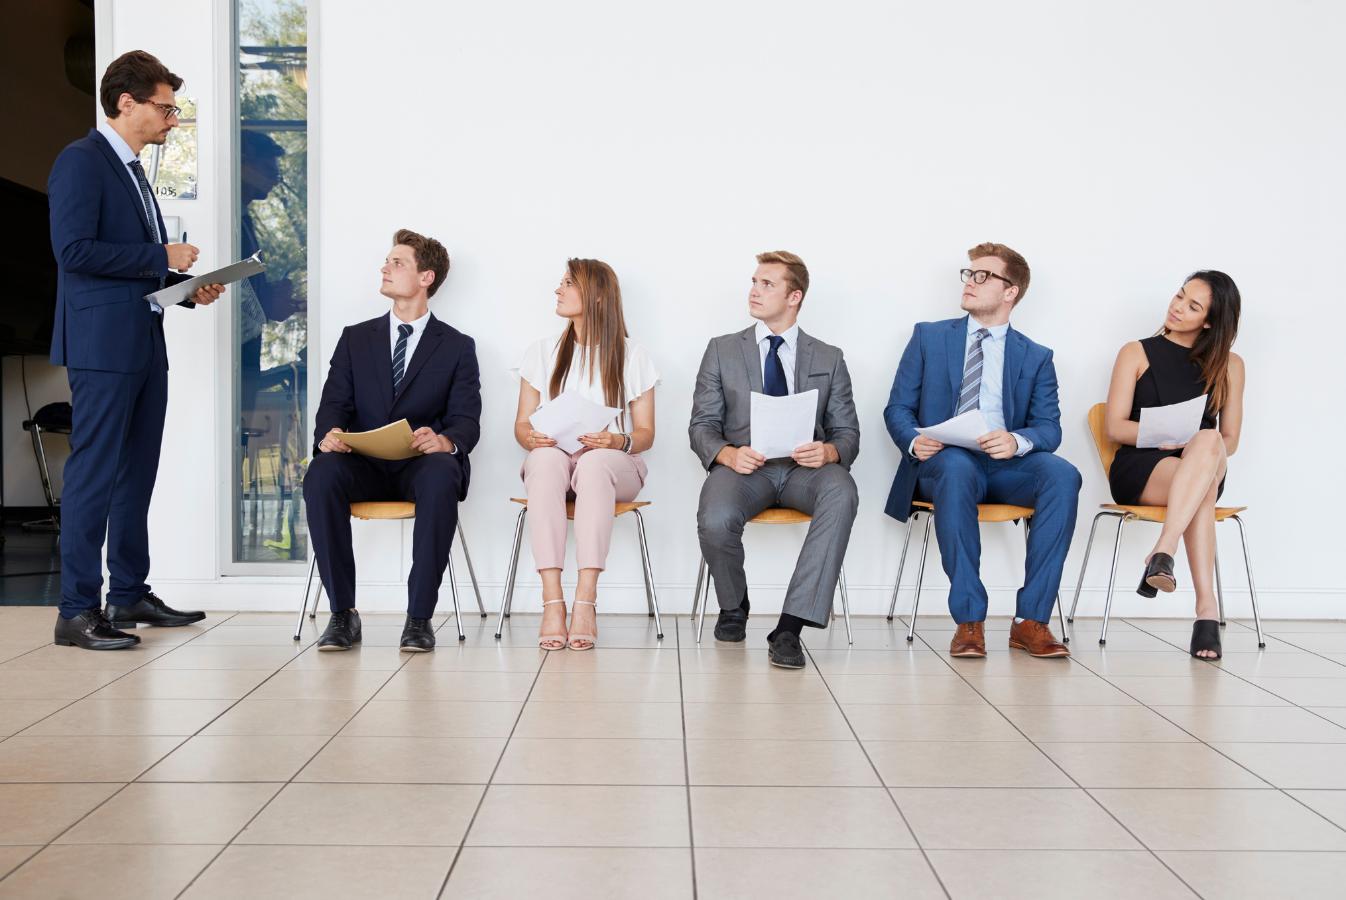 Wyzwania w rekrutacji finansistów. Jak młodzi kandydaci radzą sobie na rynku pracy w 2021 r.?